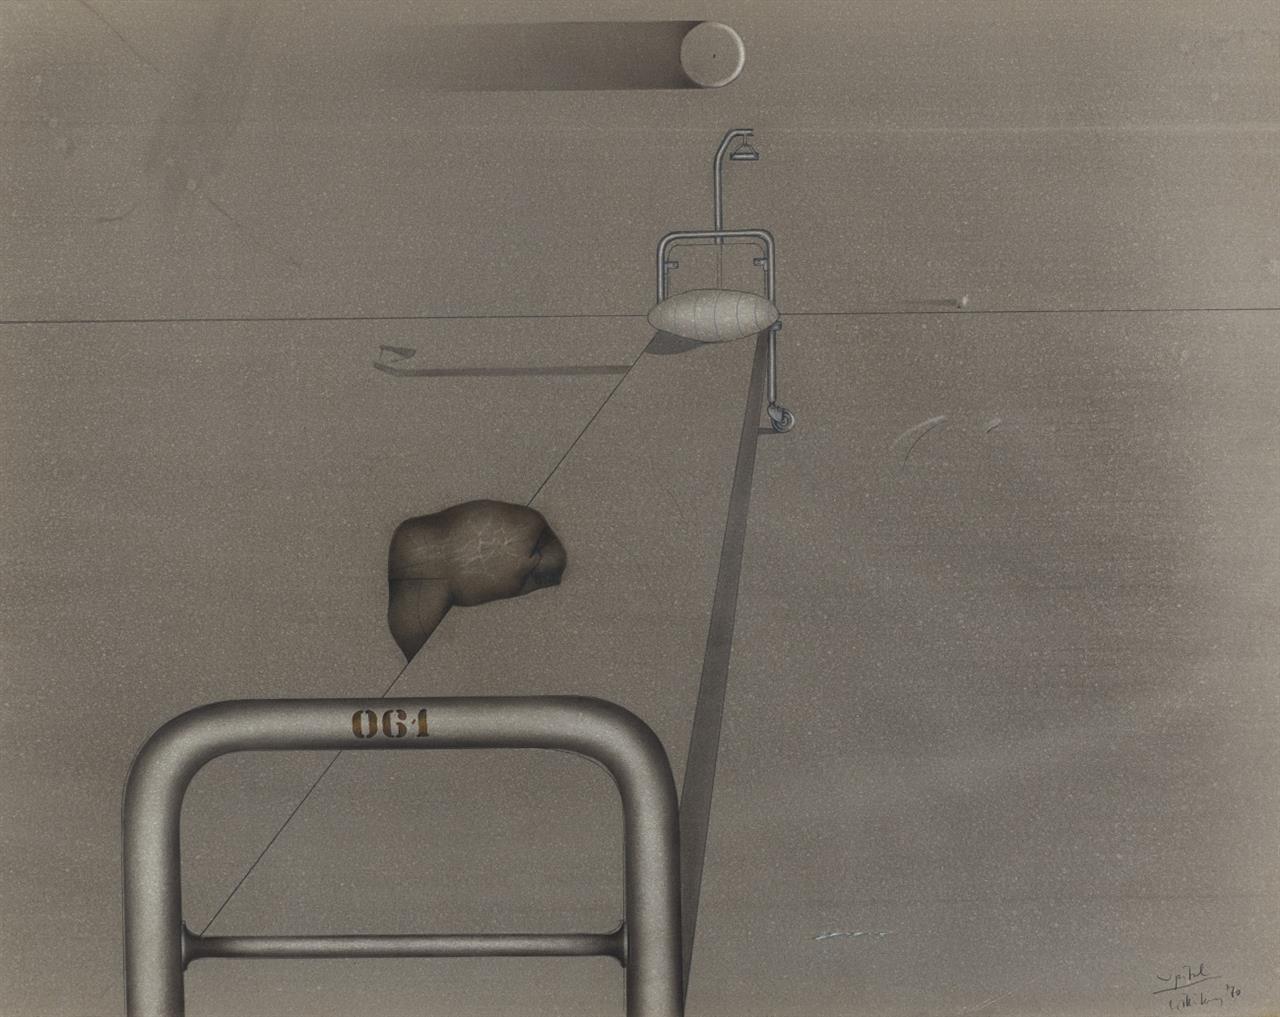 Ben Willikens. Spital. 1970. Mischtechnik mit Graphit, Kreide und Acryl. Signiert.